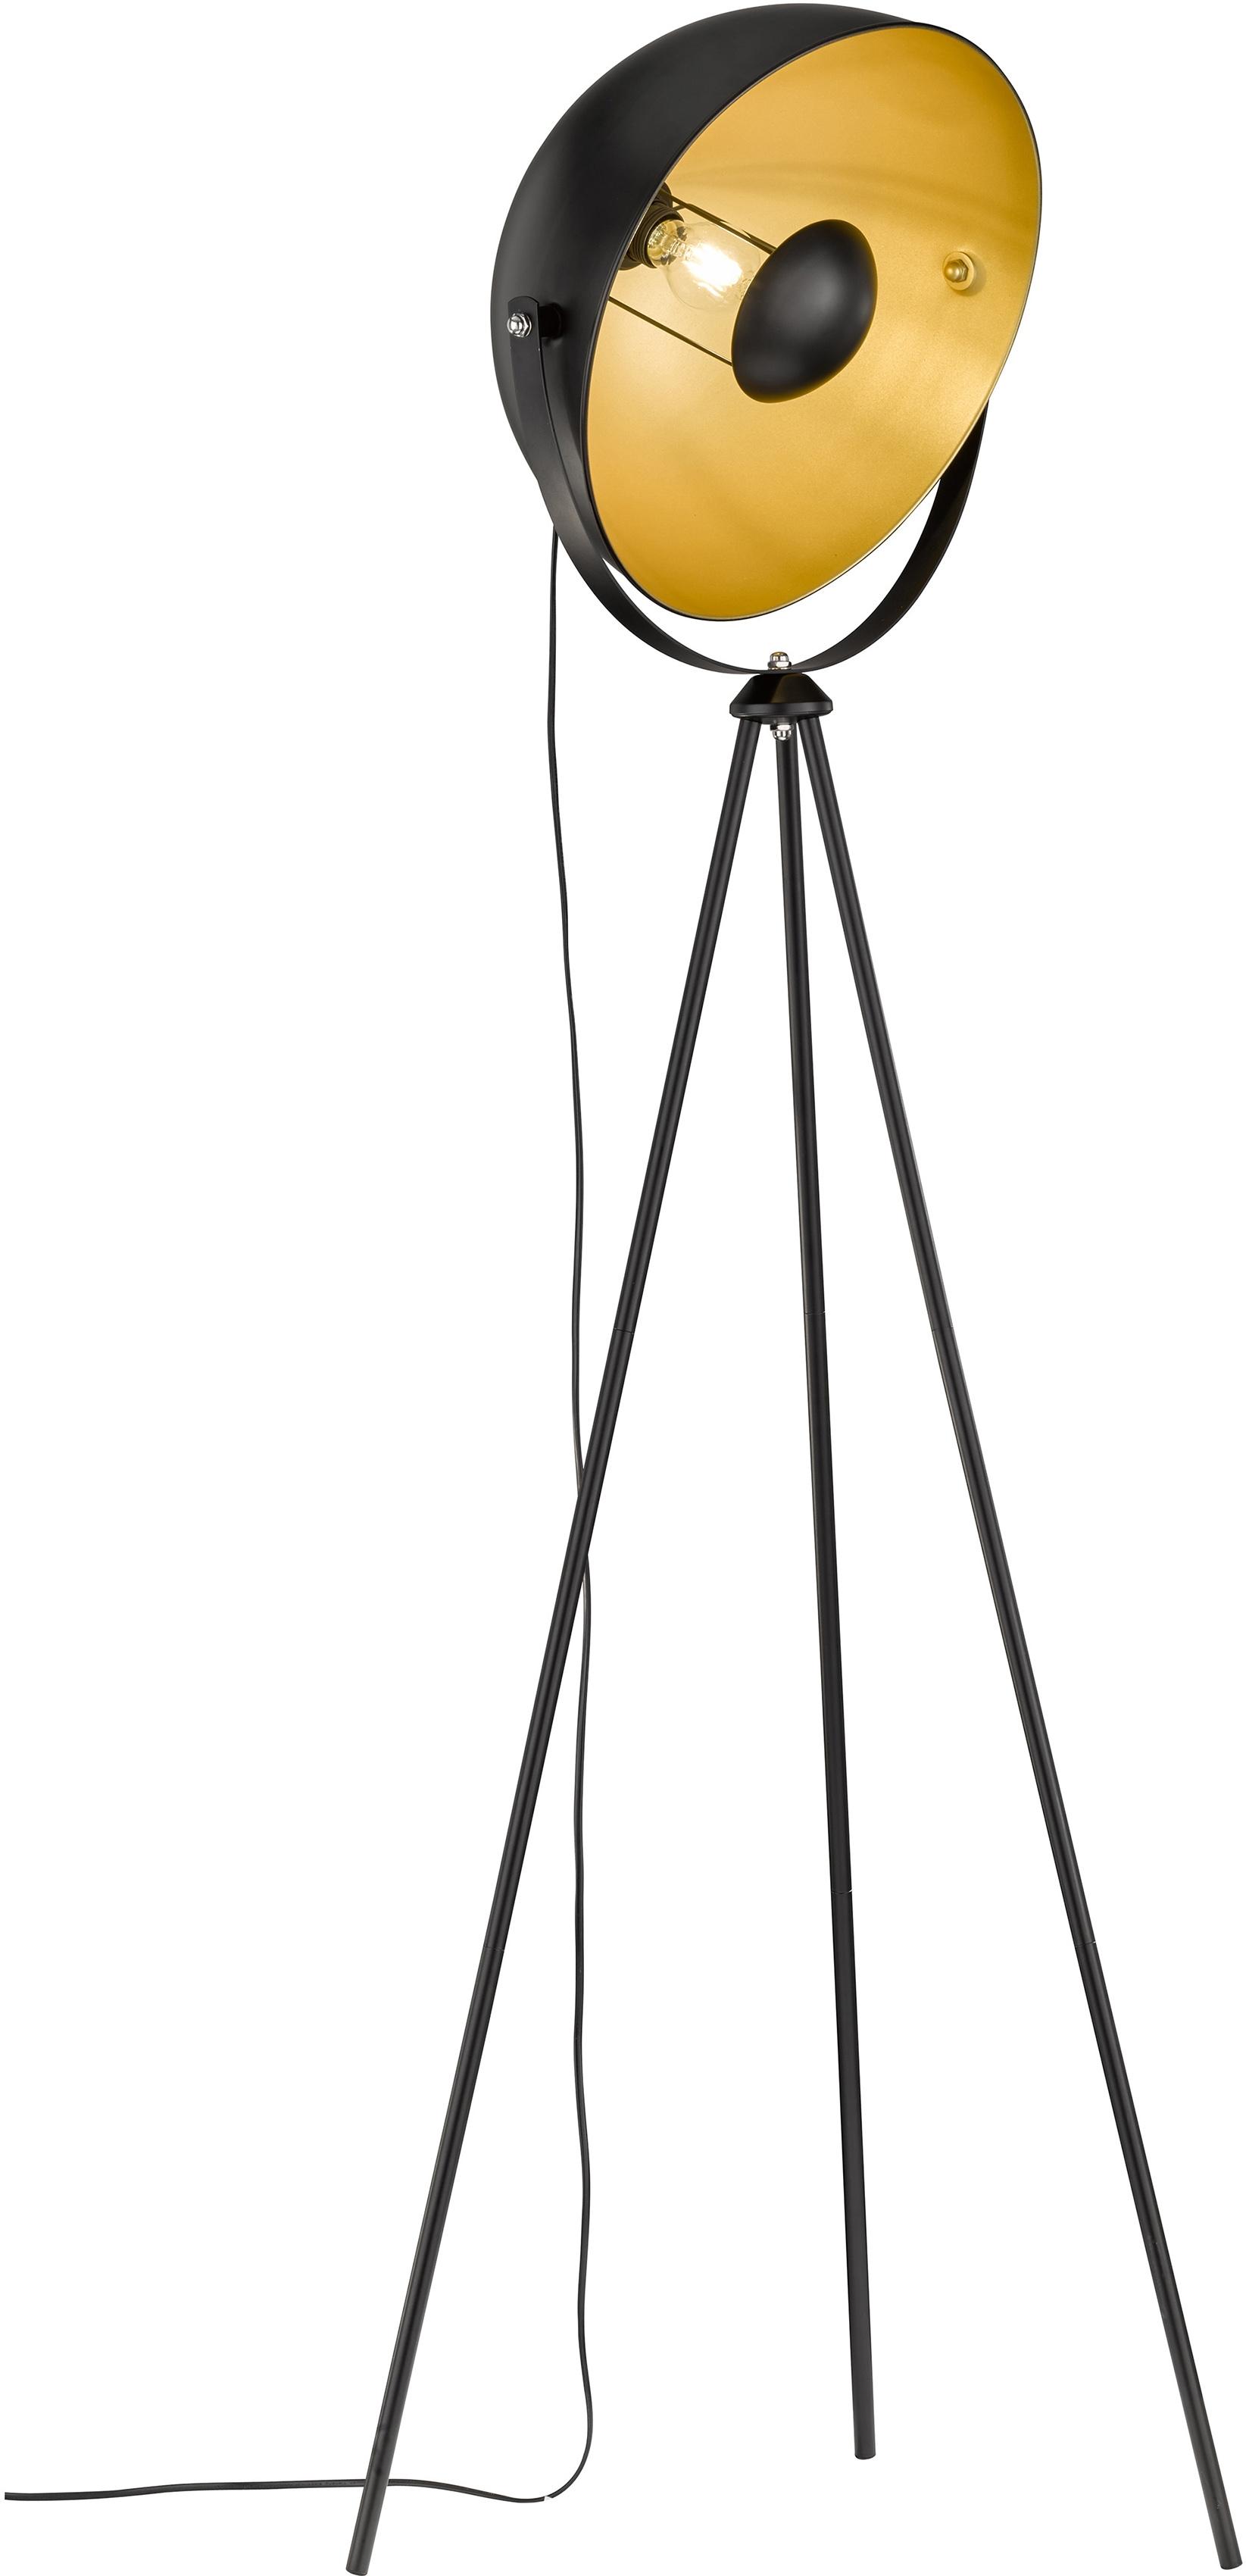 WOFI Stehlampe Mona, E27, Stehleuchte, schwenkbar, standfestes Dreibein, indirekte Beleuchtung, schwarz goldfarben